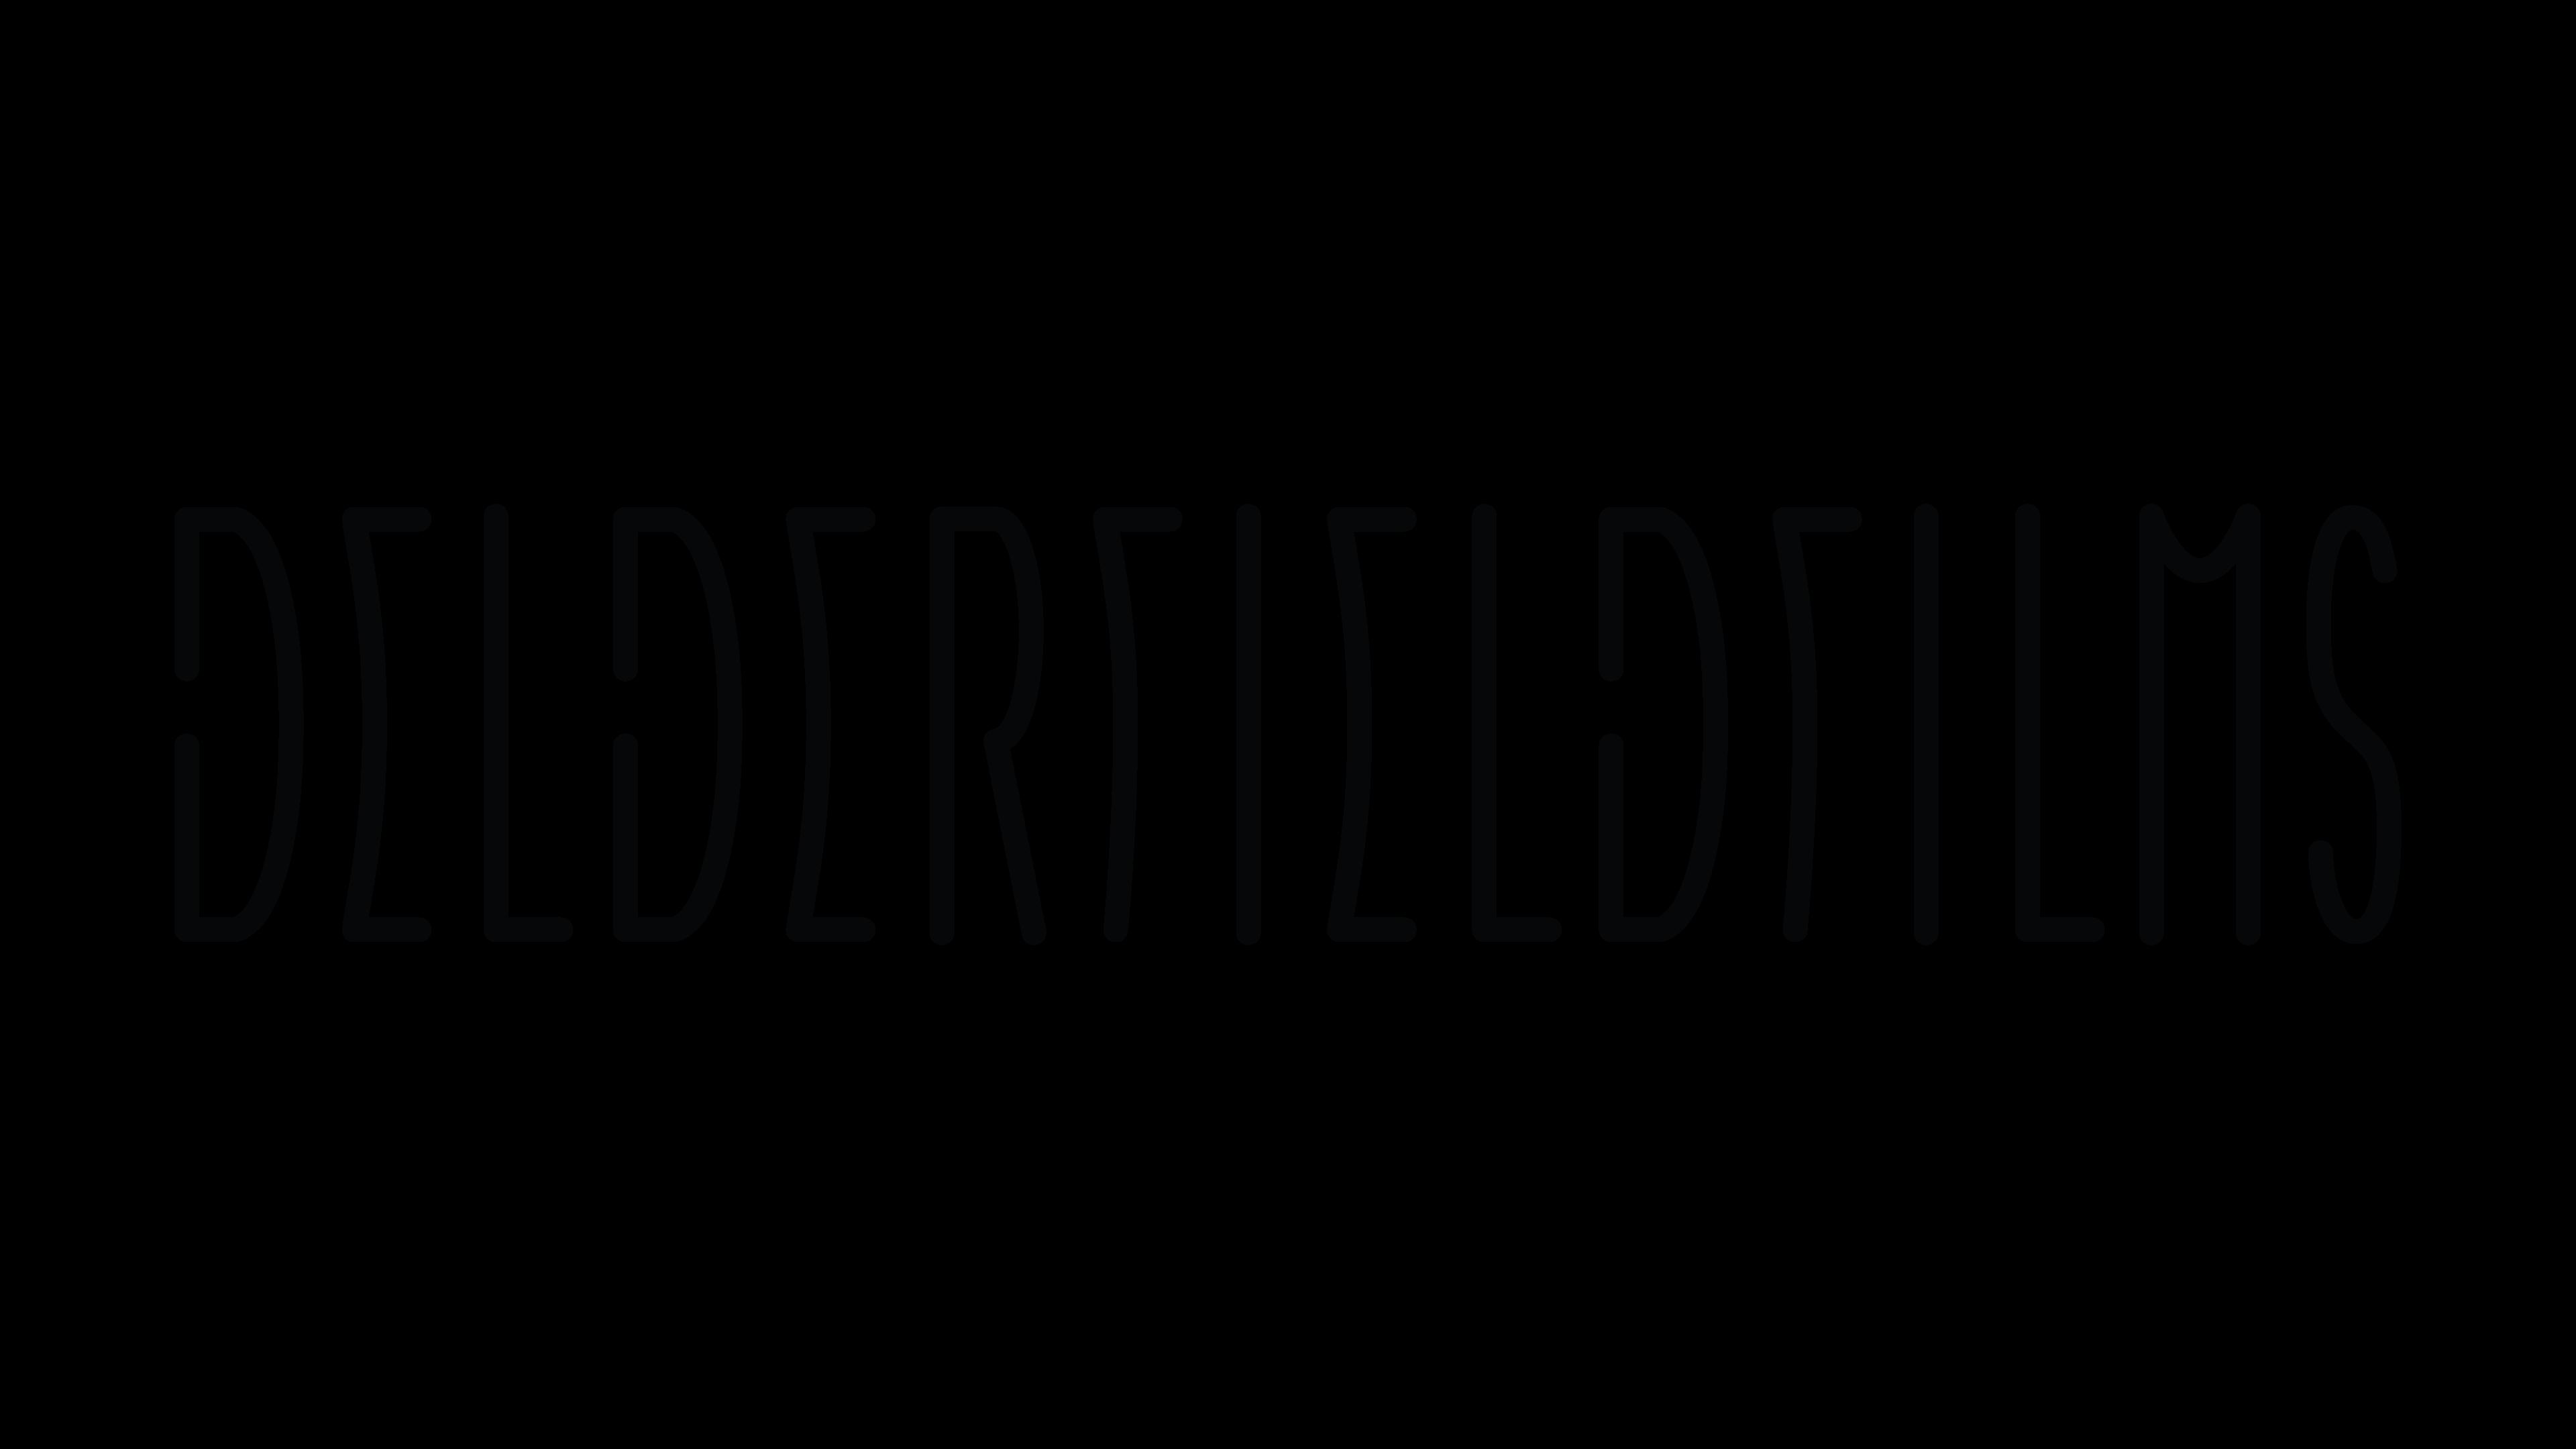 Delderfieldfilms